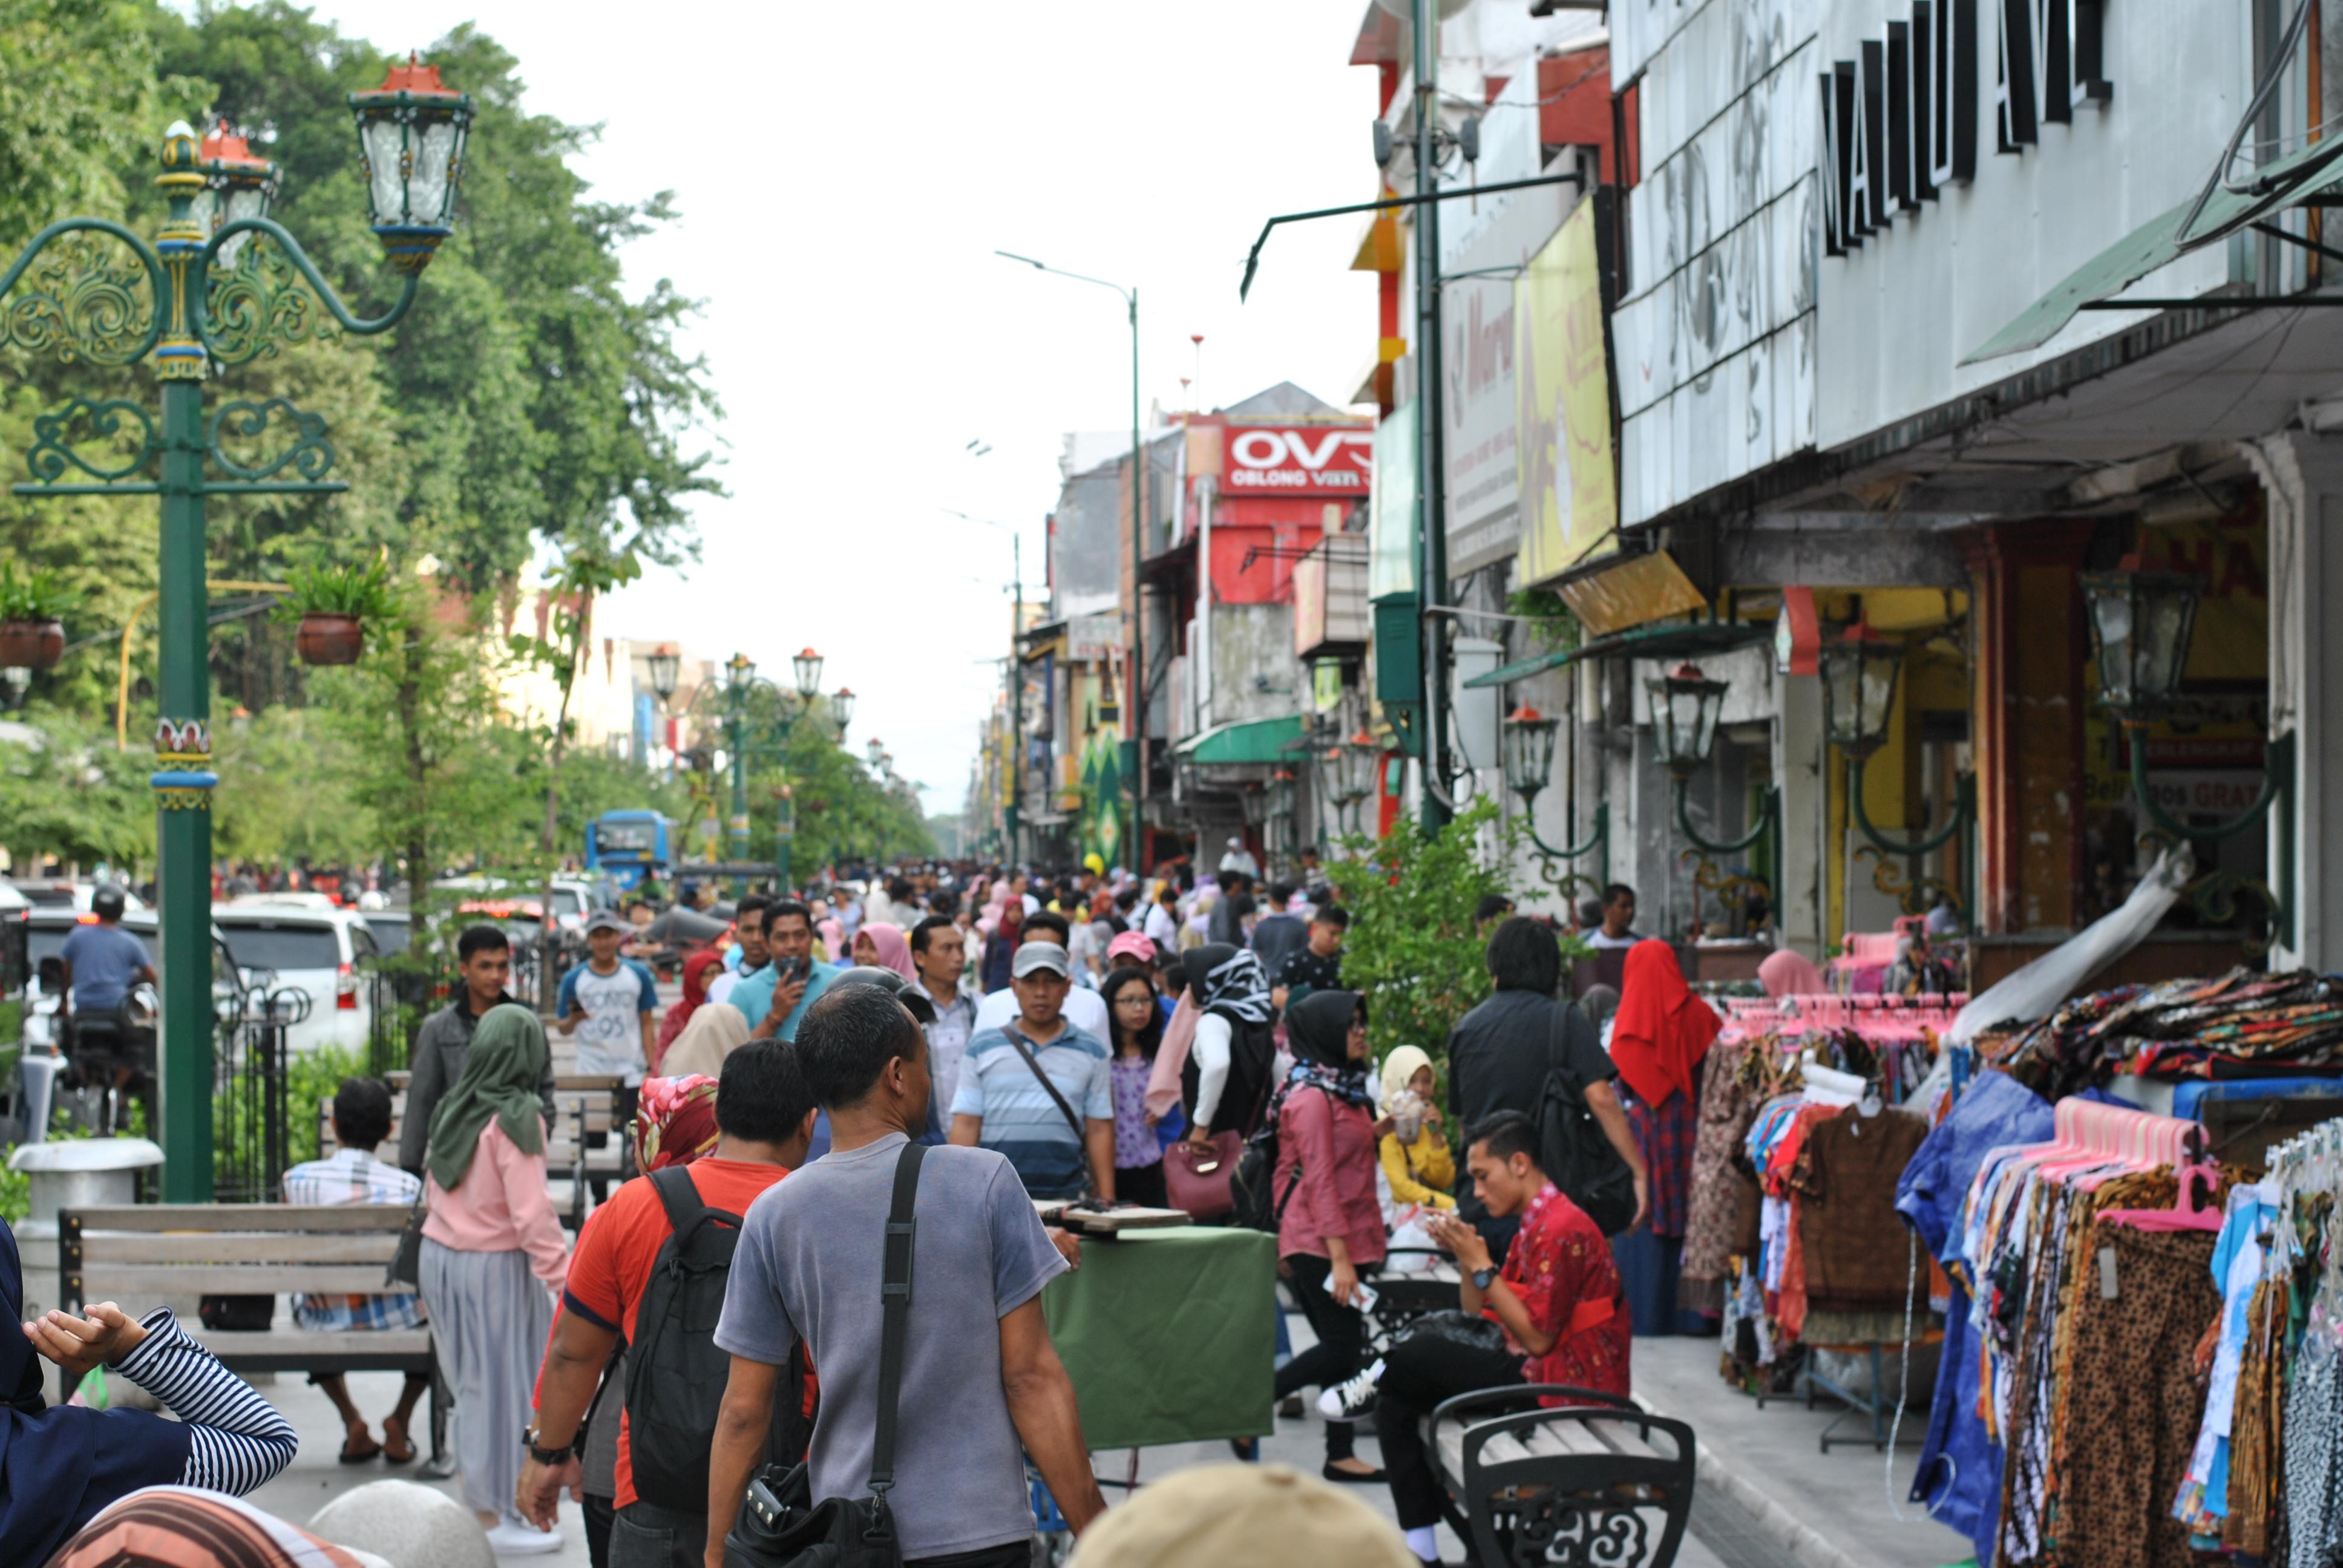 Das echte Indonesien – Yogyakarta auf Java [INDO]